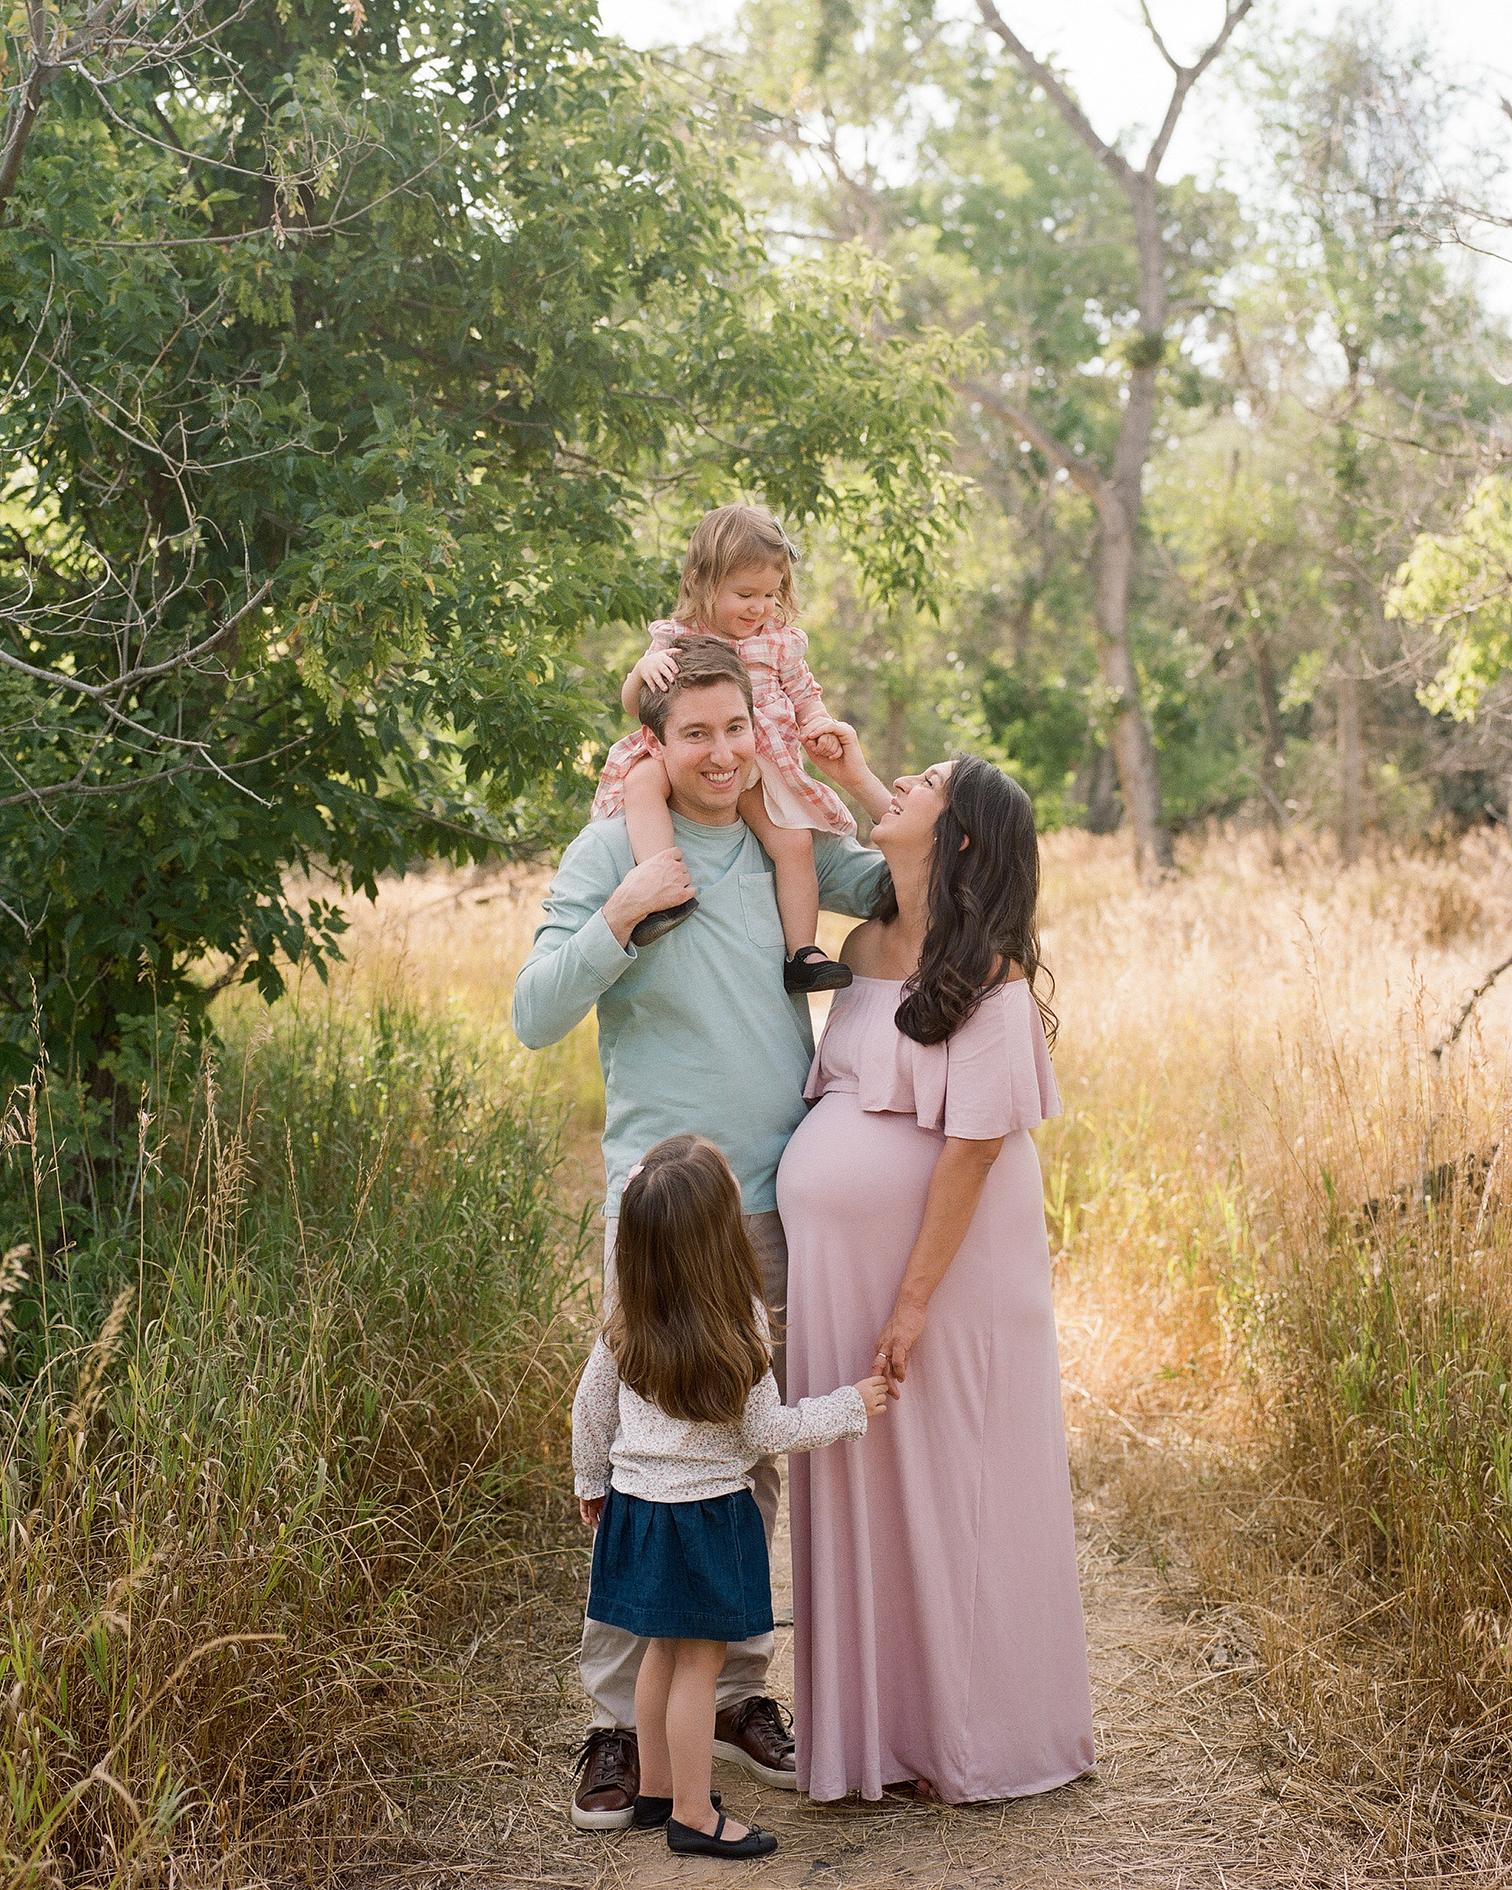 roaring fork valley family, Basalt Colorado photos